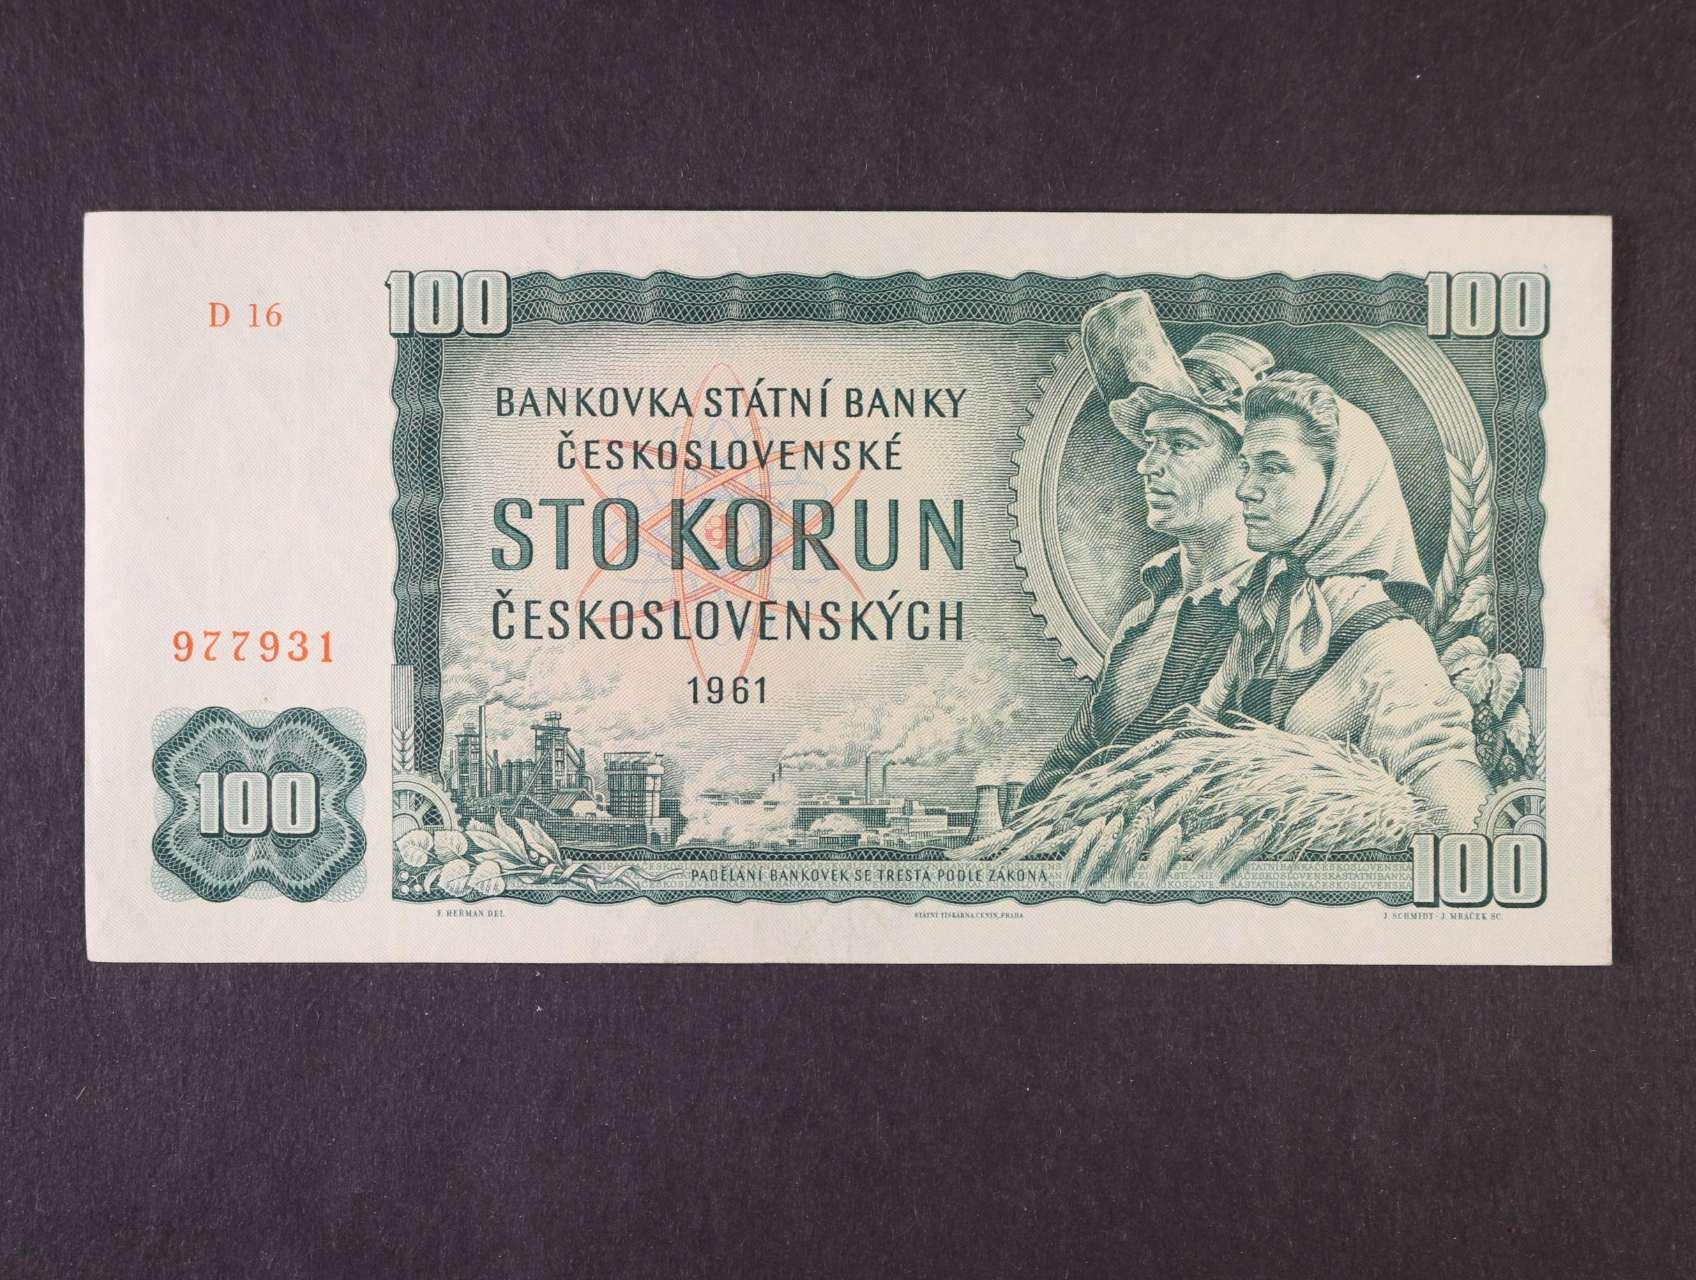 100 Kčs 1961 série D 16, vodoznaková výztuž na líci bankovky, Ba. 98a2, Pi. 91